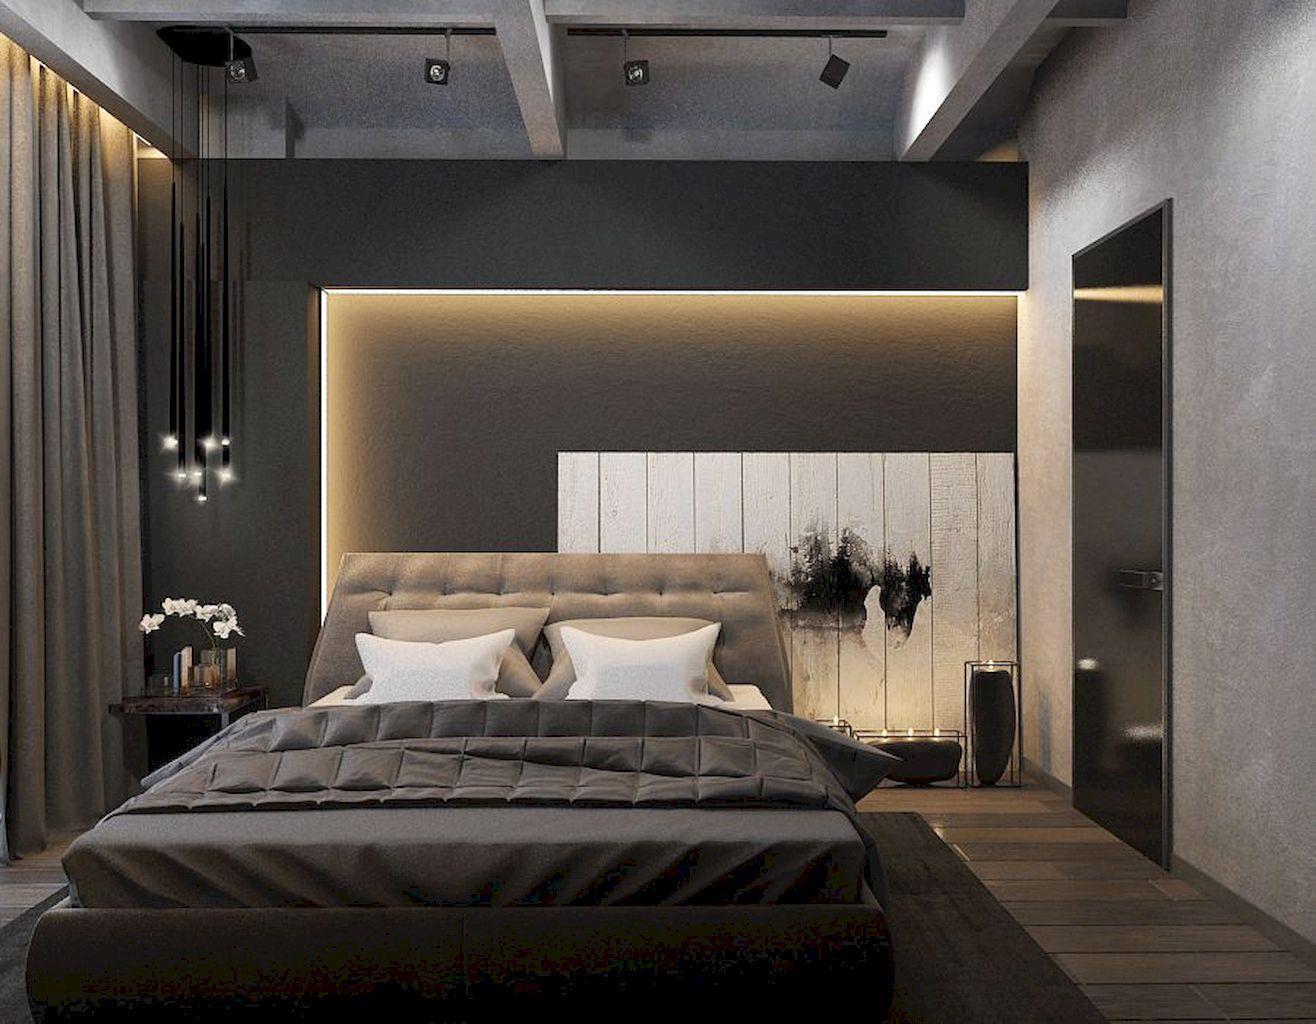 غرف نوم مودرن مع أفضل التصاميم يقدمها مهندسي الديكور الخبراء